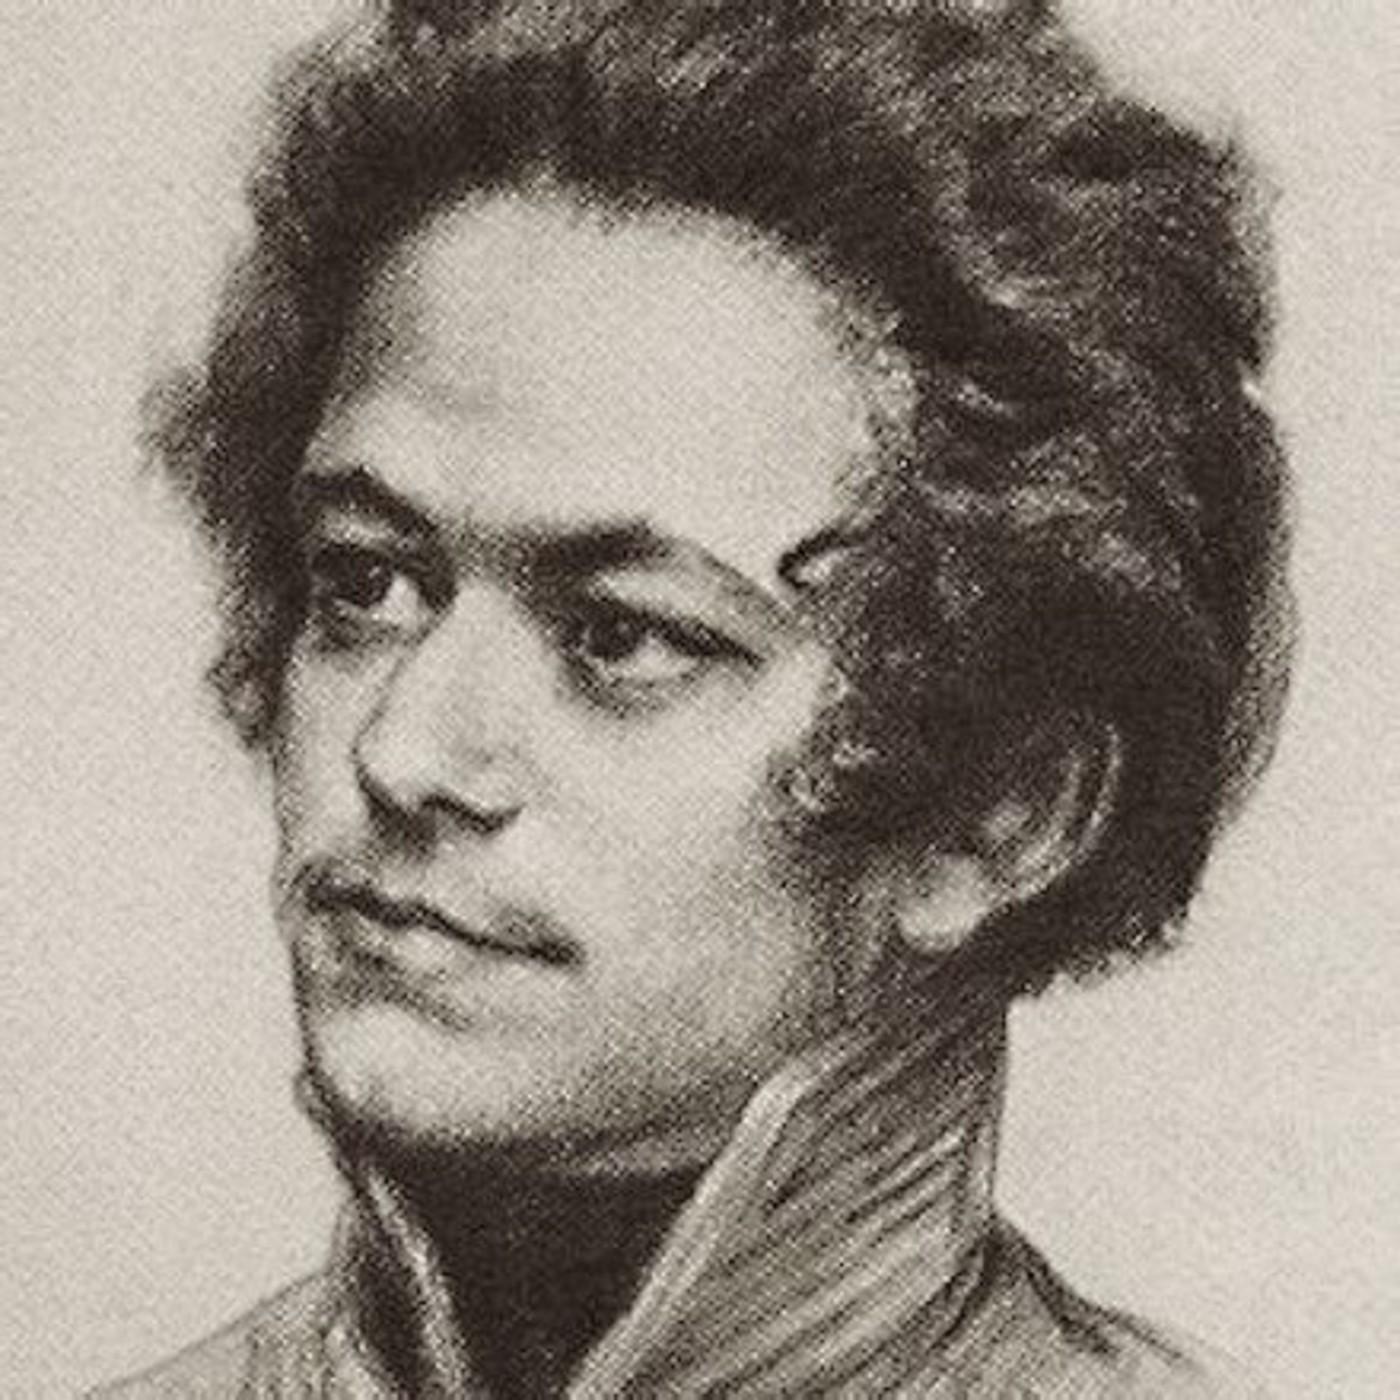 Karl Marx foi um vagabundo que nunca trabalhou?